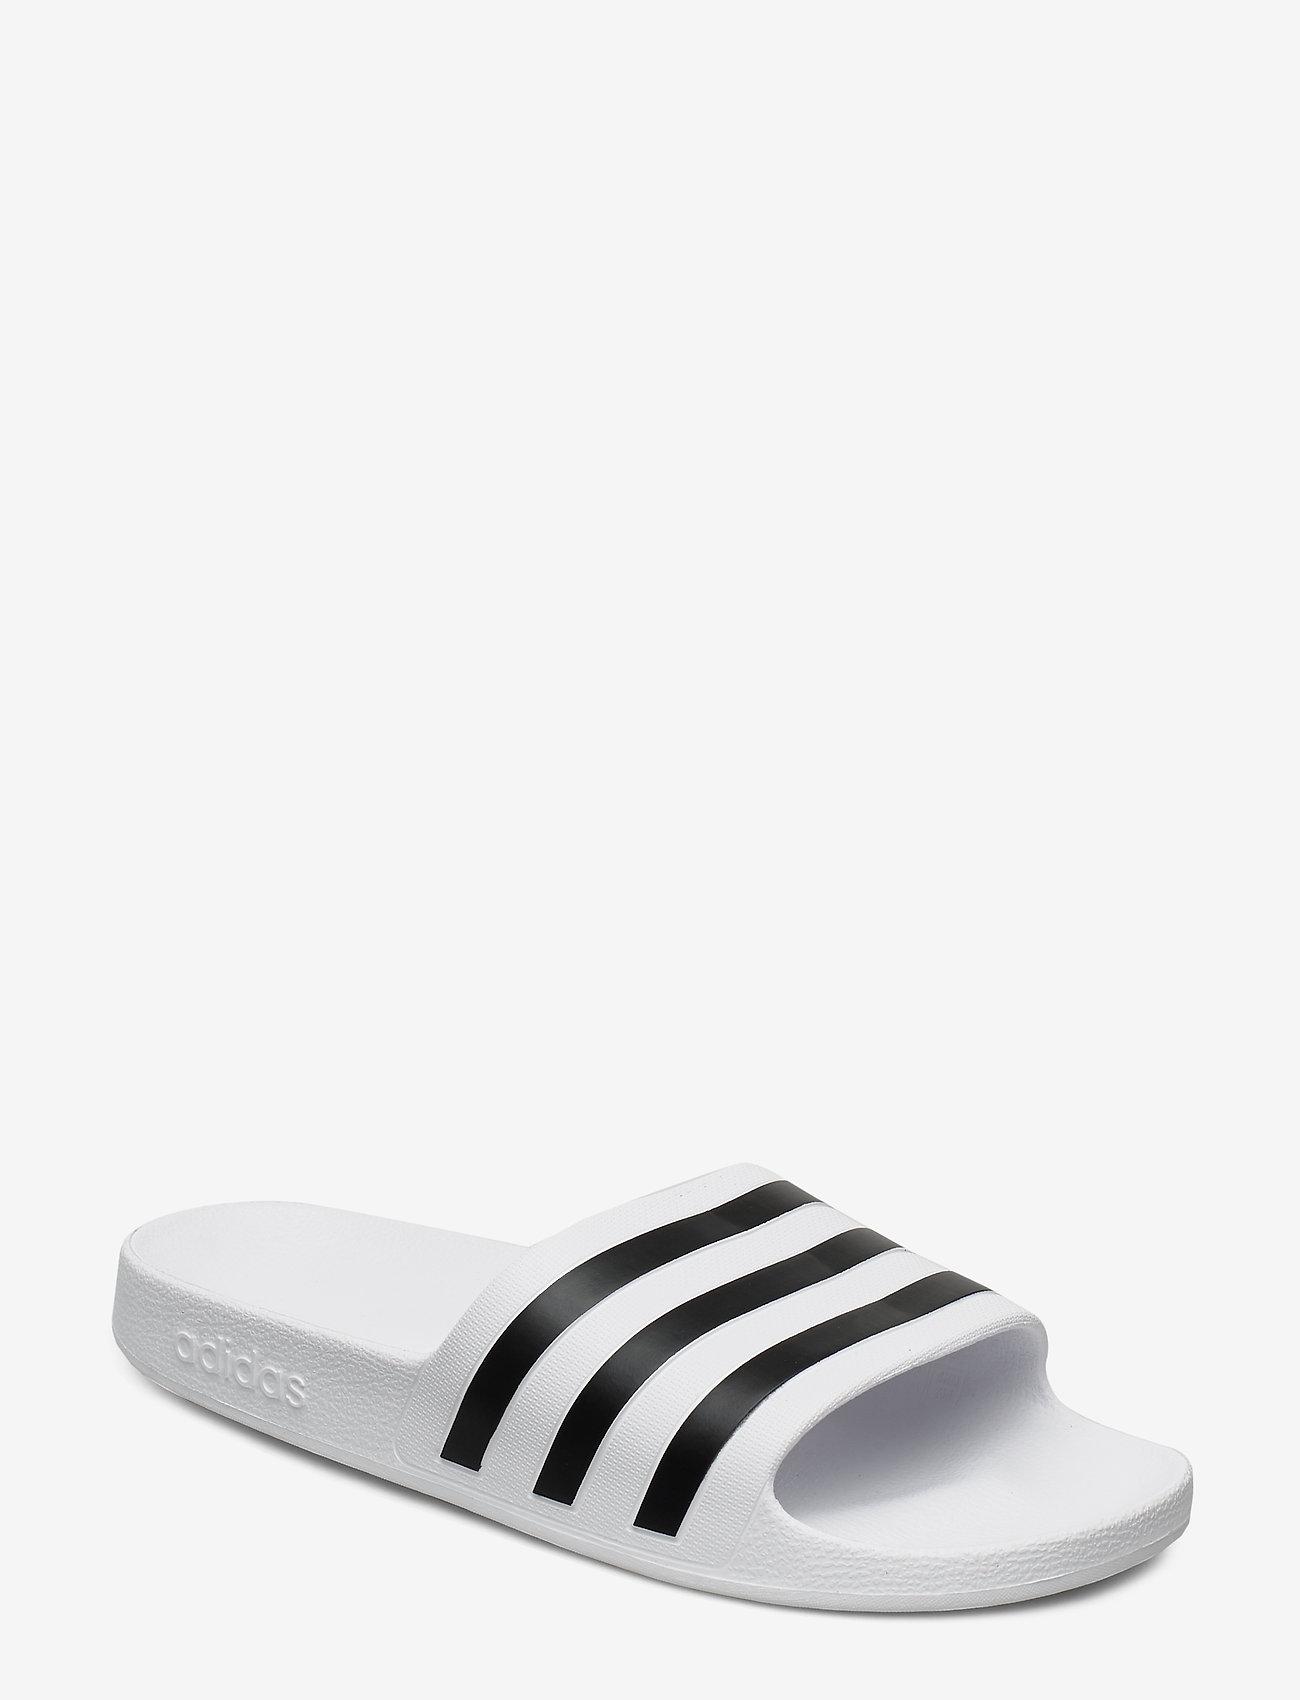 adidas Performance - ADILETTE AQUA - pool sliders - ftwwht/cblack/ftwwht - 0